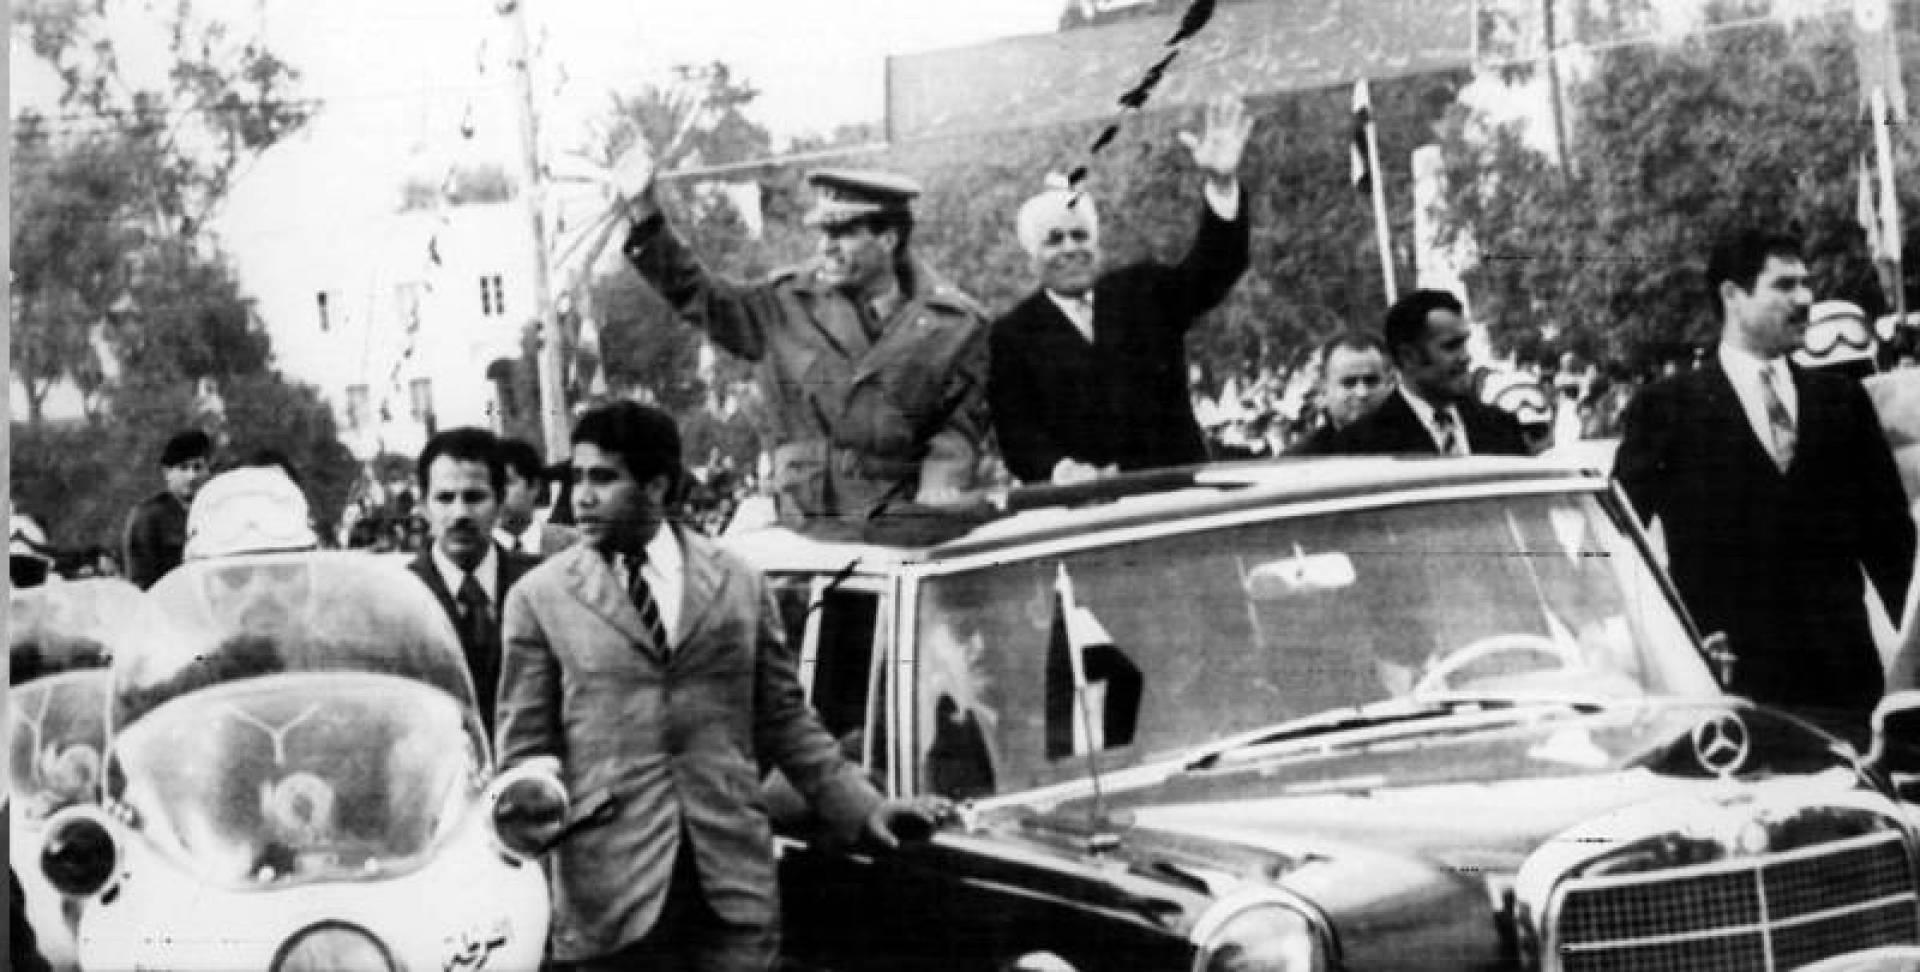 الرئيسان بورقيبة والقذافي يرفعان أيديهما تحية للجماهير التي احتشدت لتحيتها في جربة التونسية.. أرشيفية